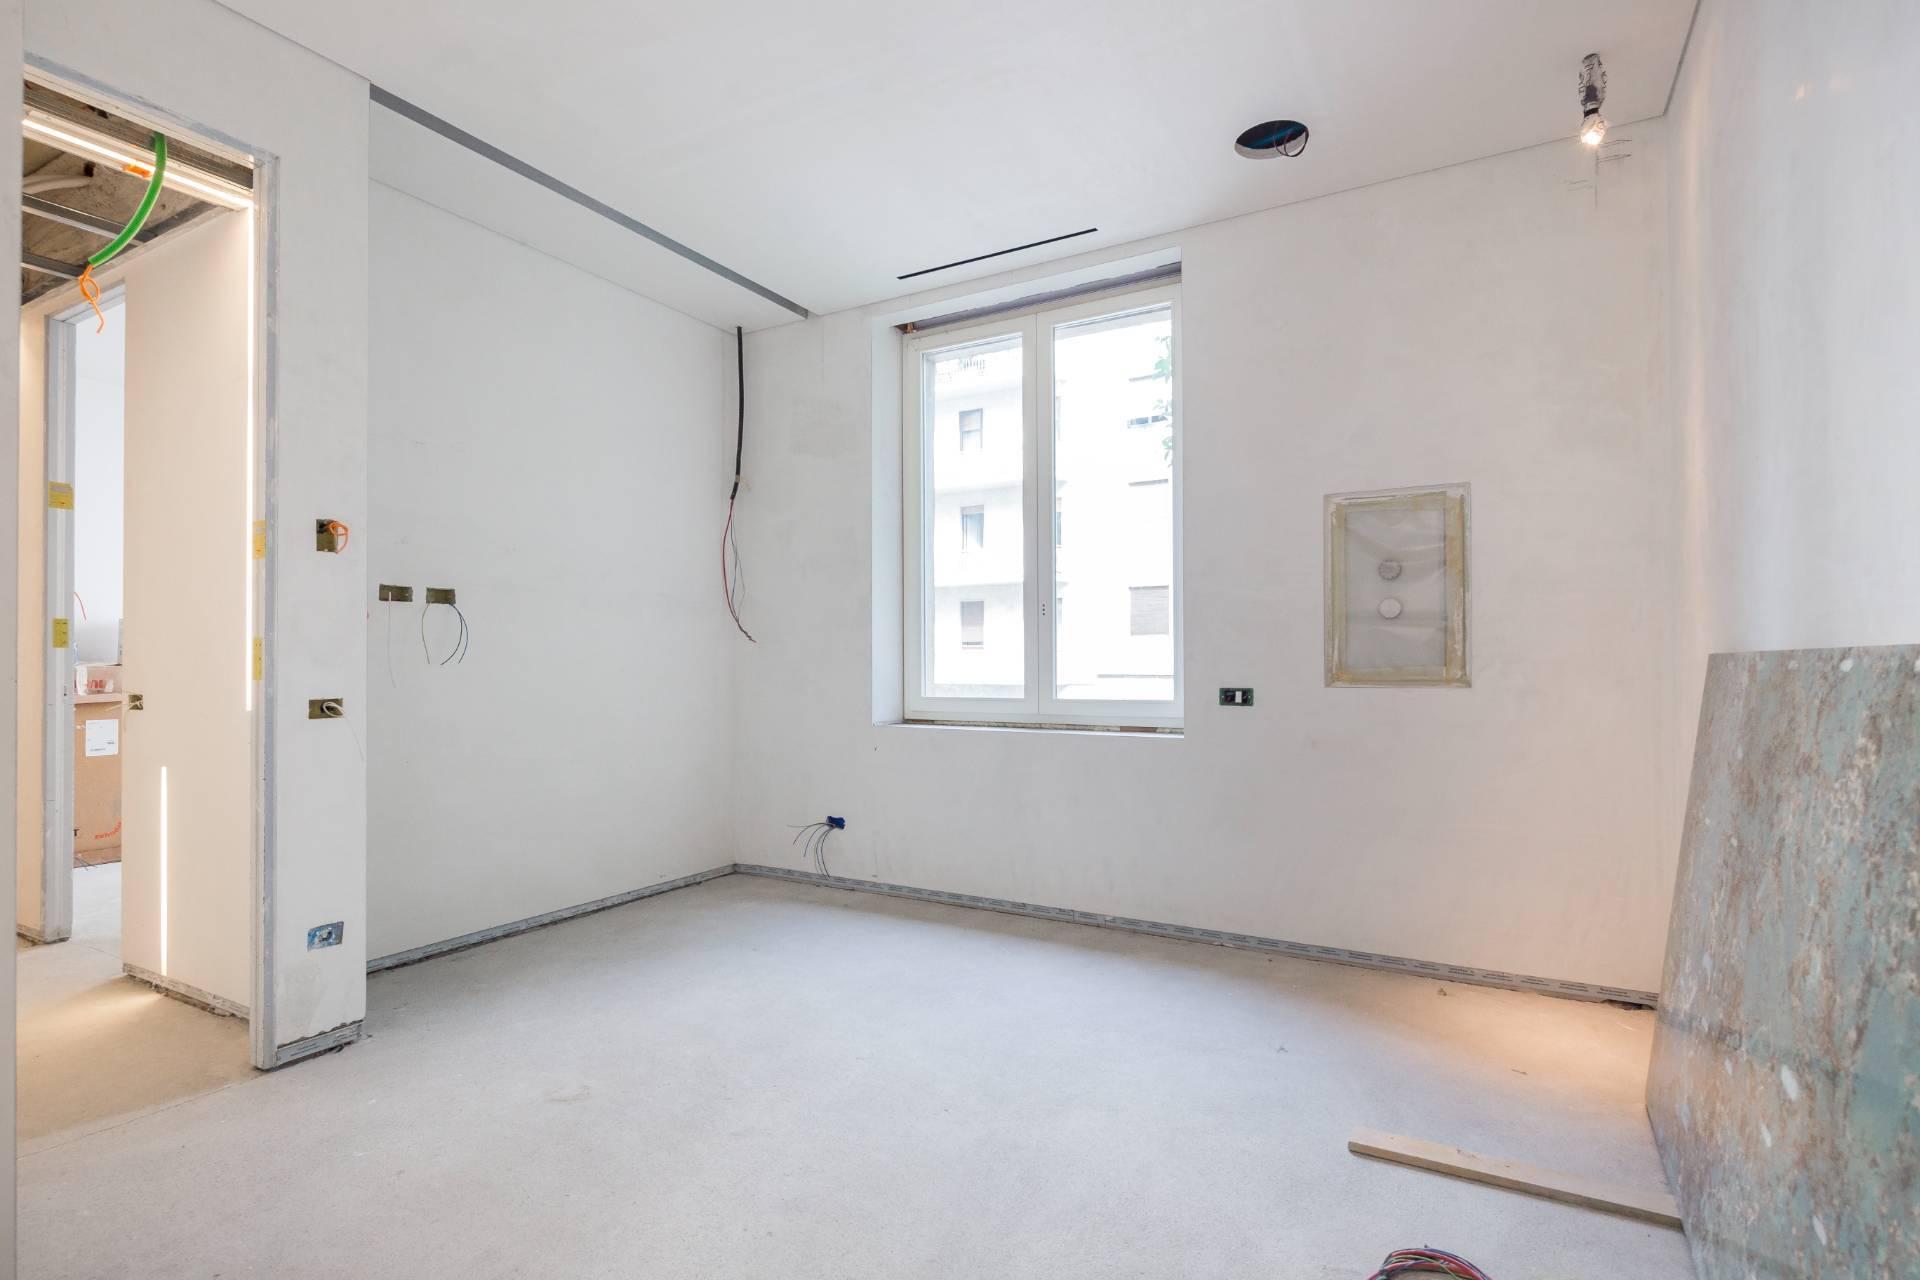 Appartamento signorile in Via Mascagni - 12